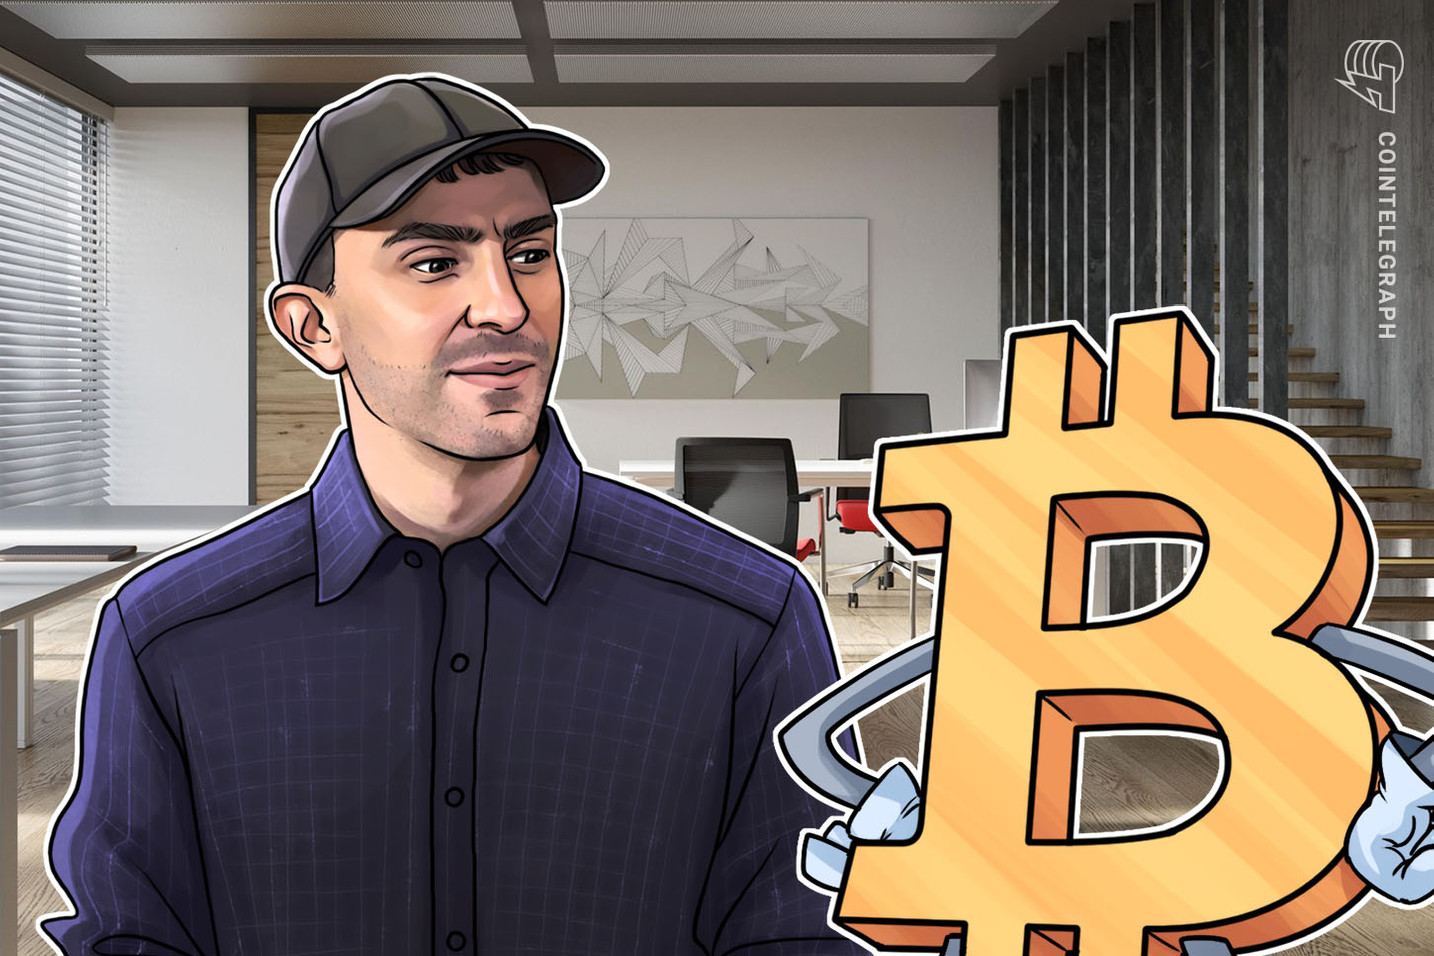 Tone Vays: El precio de Bitcoin no saldrá del rango de los $6,000-$10,000 hasta el 2021